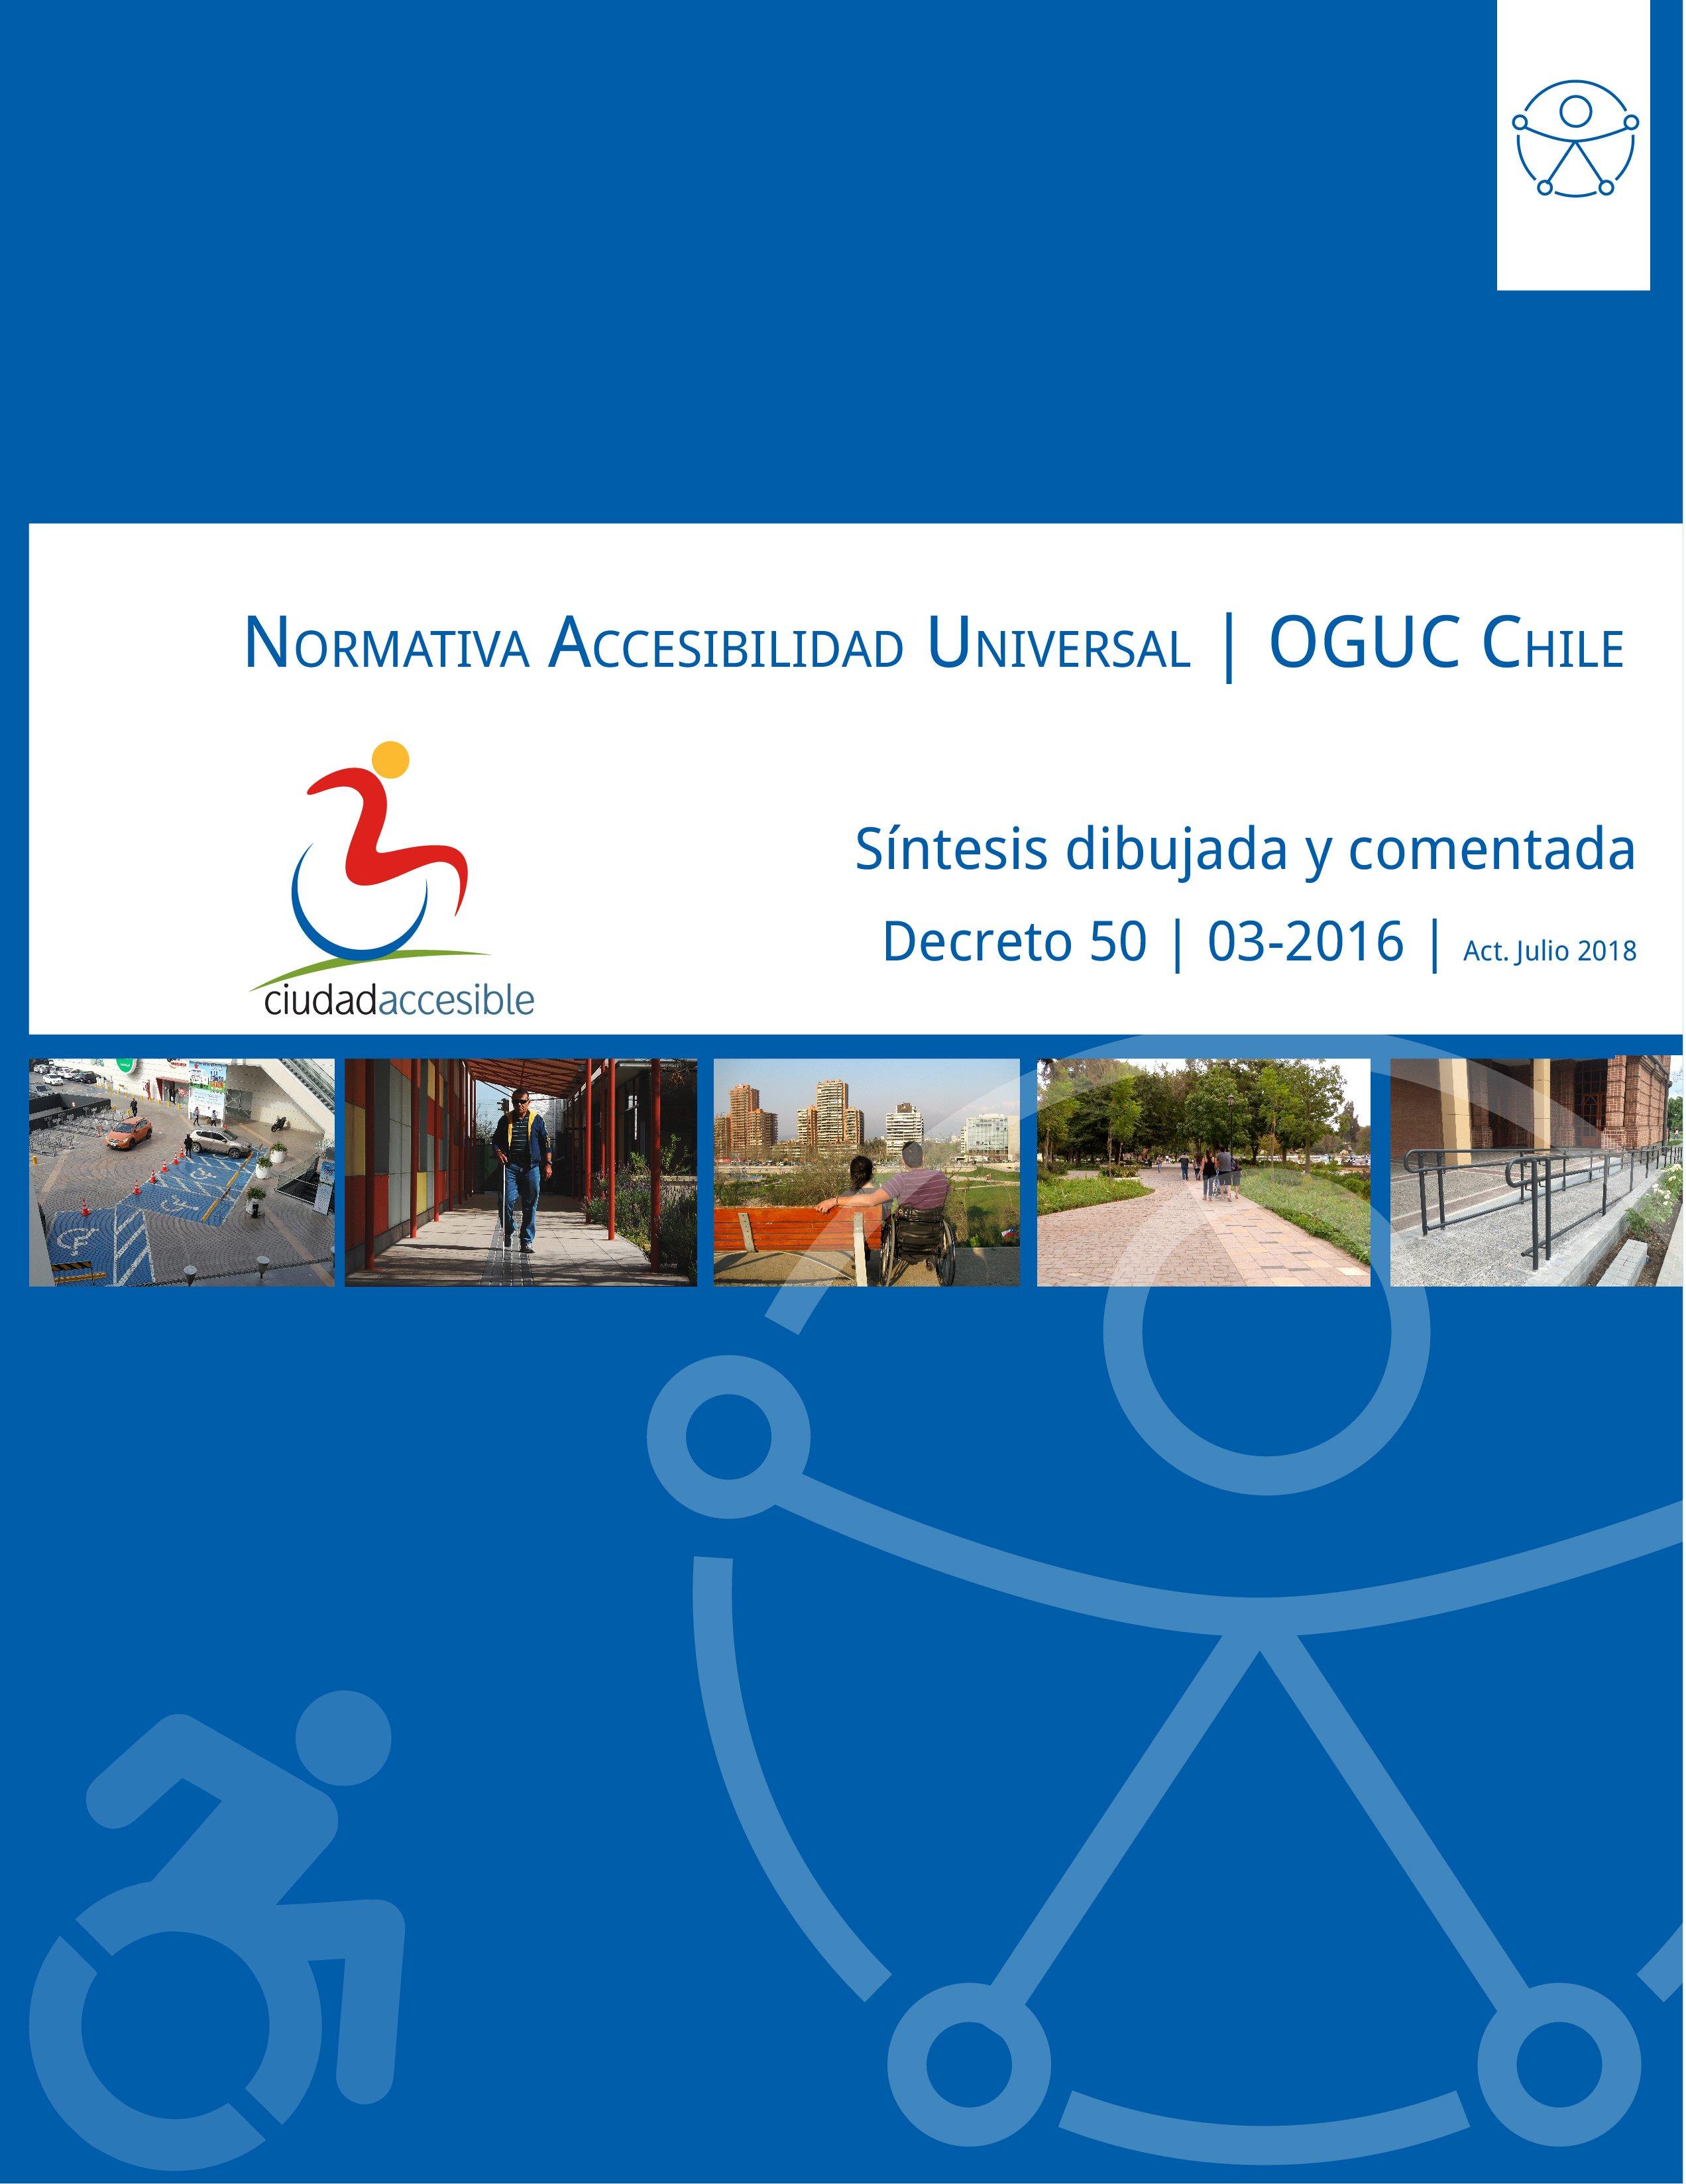 Portada Síntesis dibujada y comentada Accesibilidad OGUC versión 3